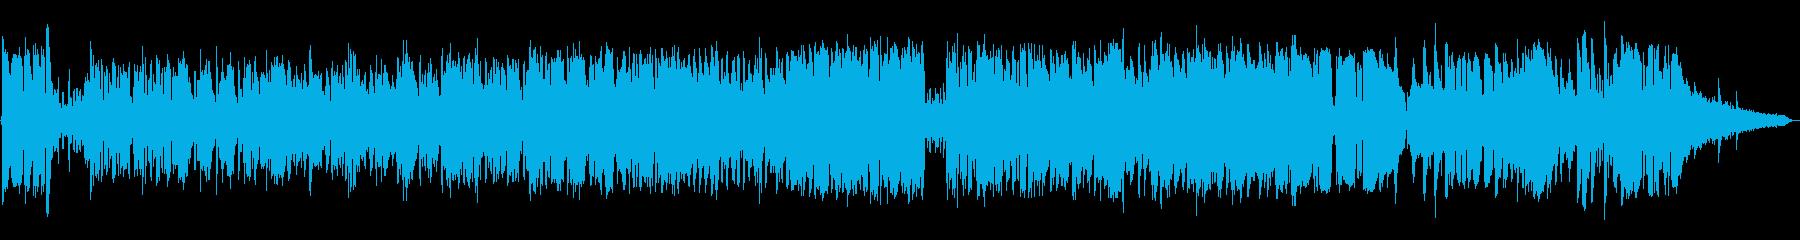 生演奏《ホルンの爽やかワクワクな曲》の再生済みの波形